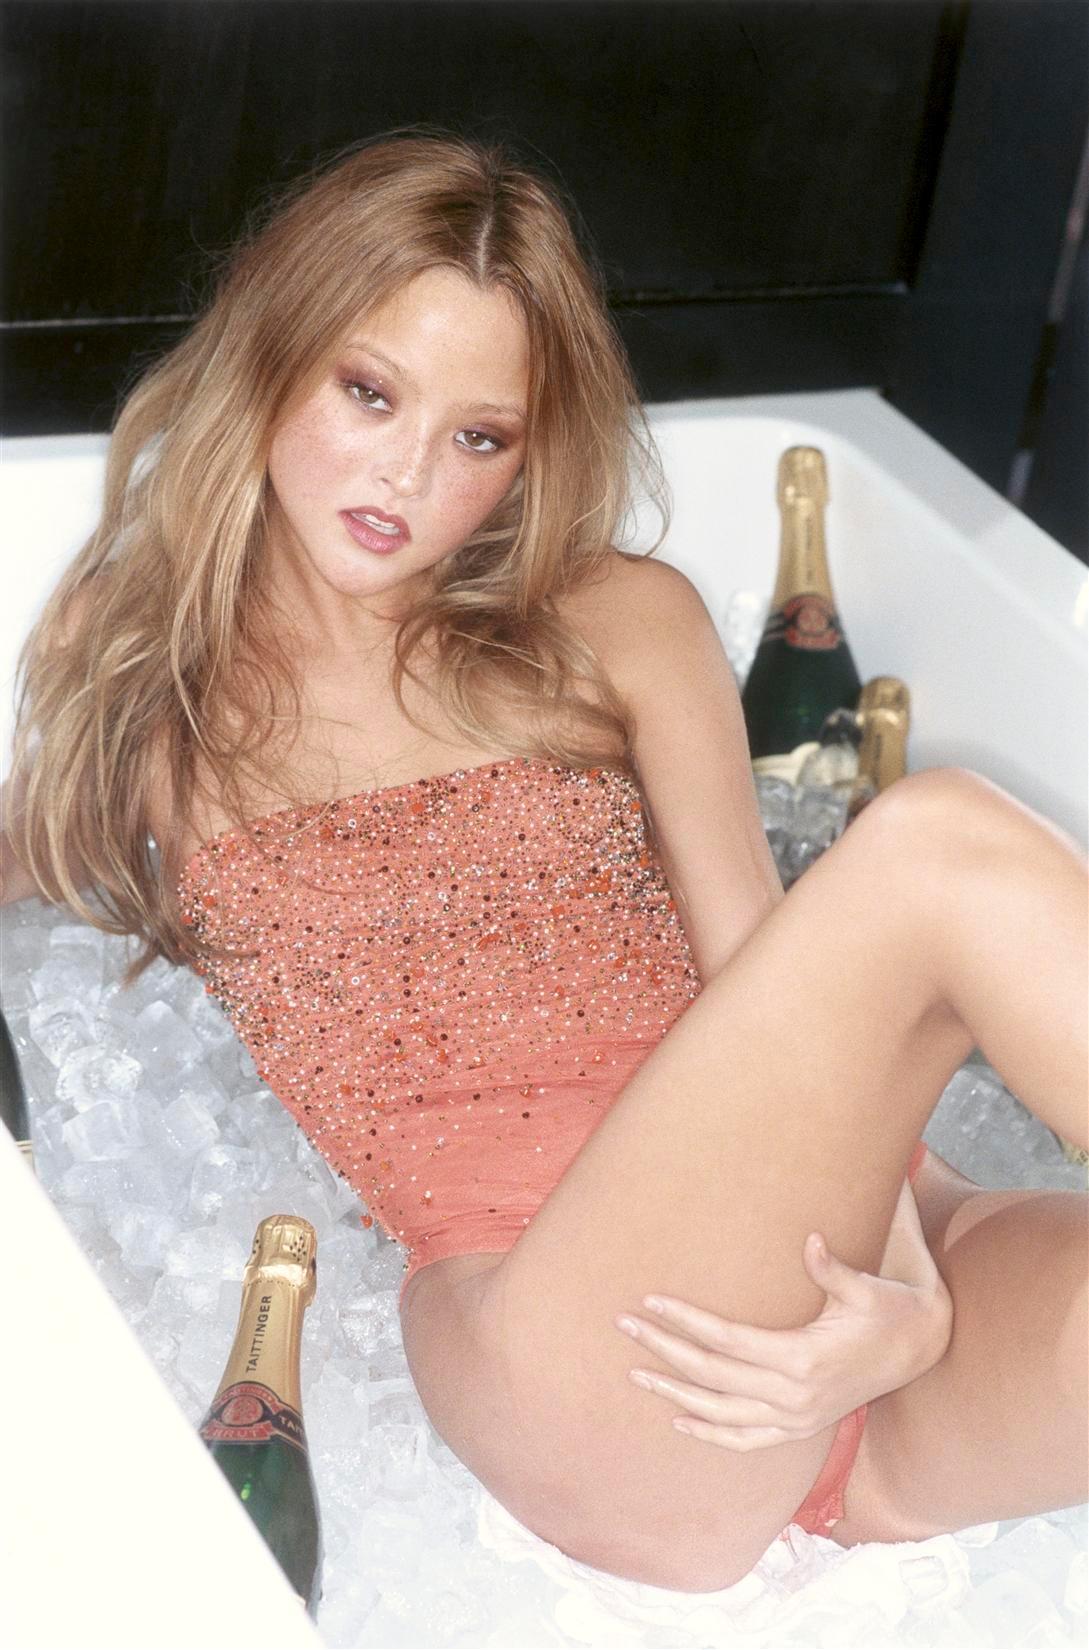 голой порно актрисы кайден кросс фото